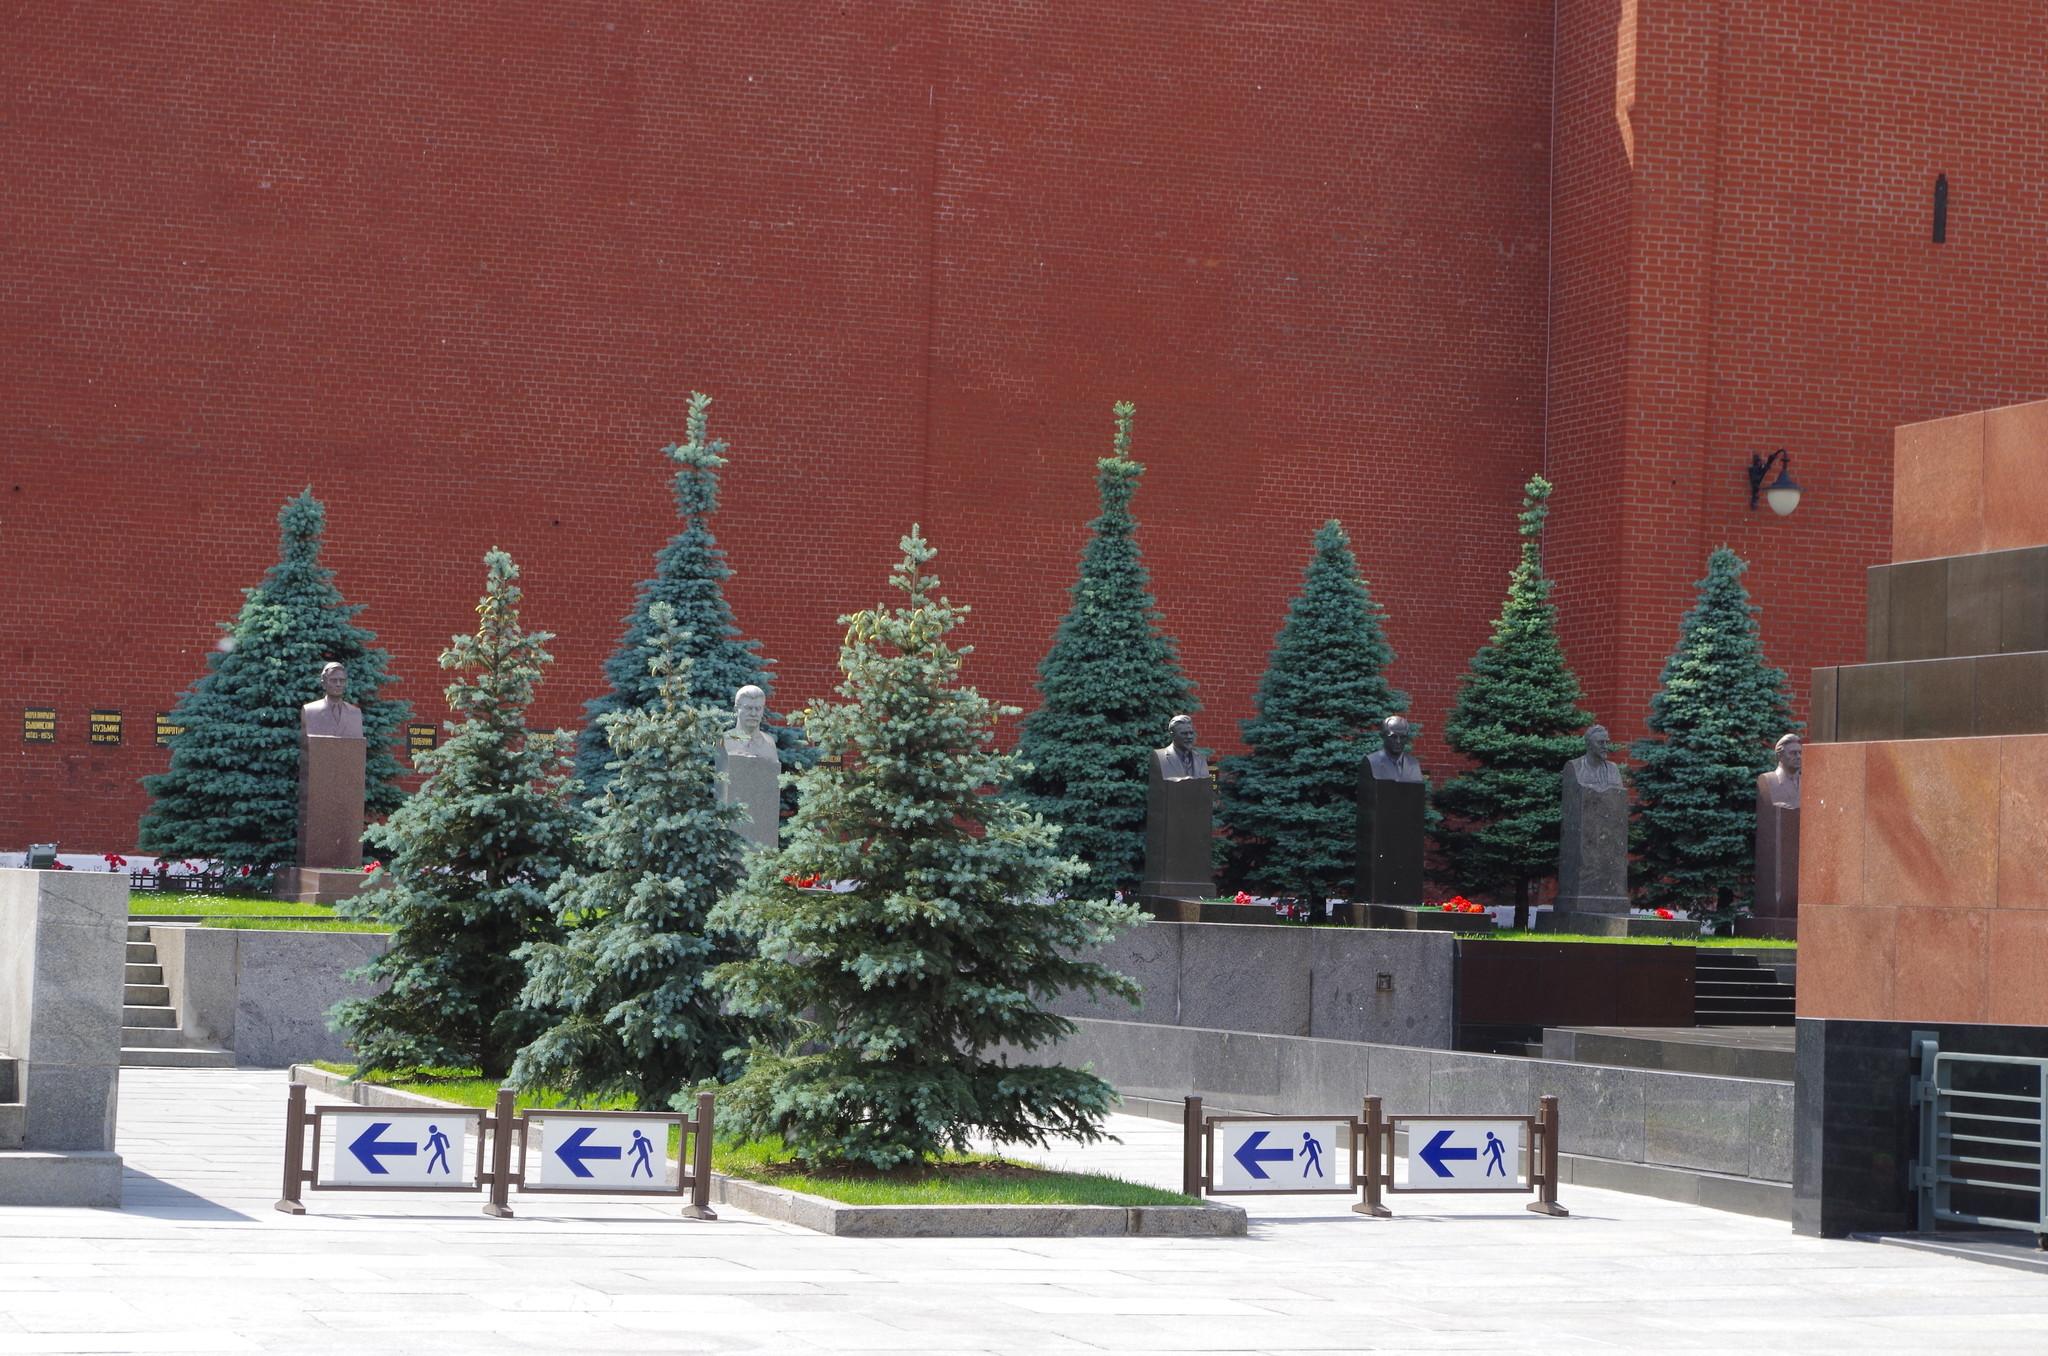 У Кремлёвской стены на Красной площади Москвы